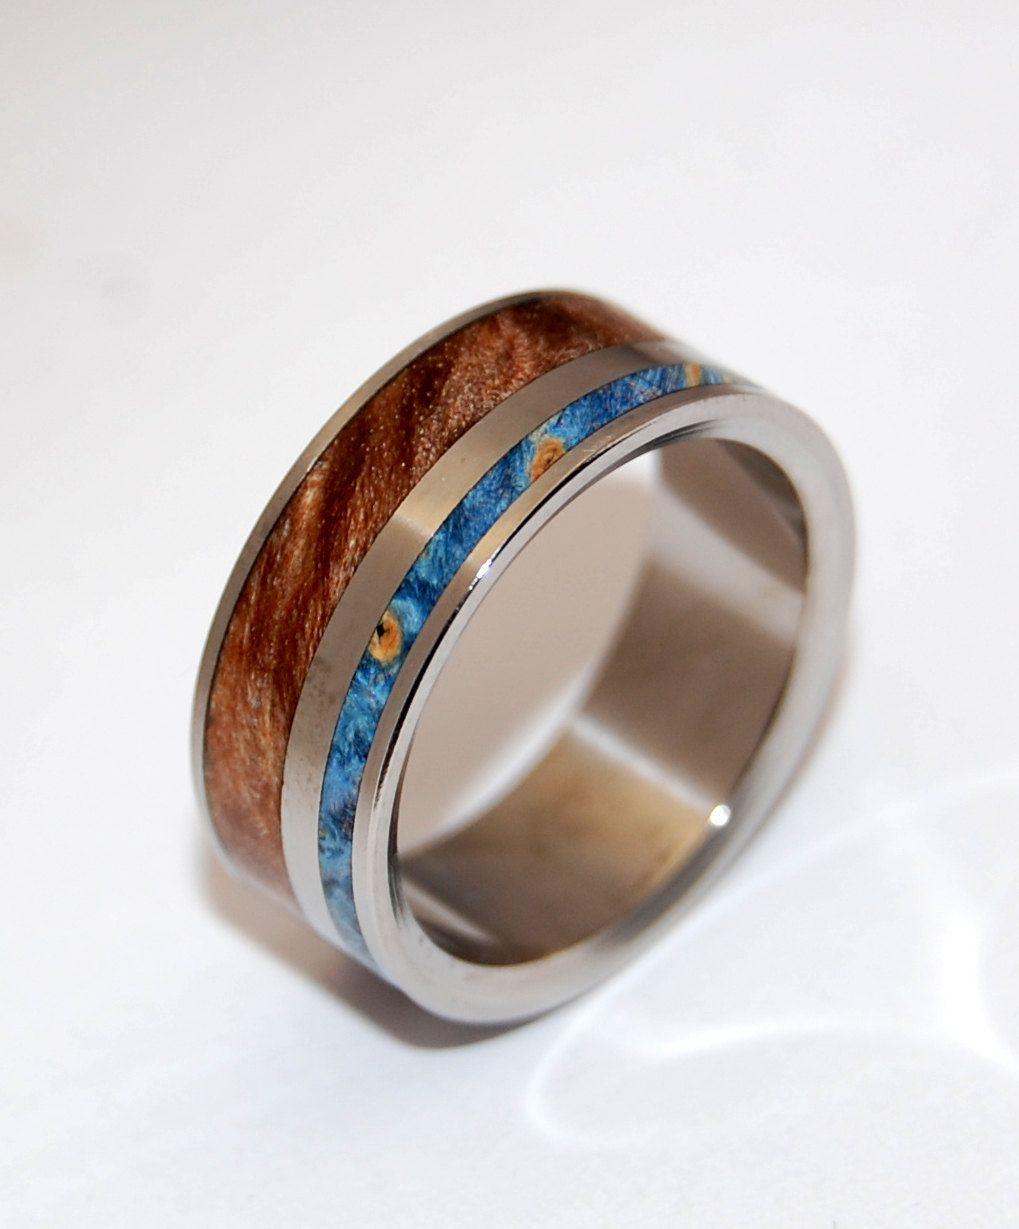 wooden wedding rings Earth By Water II Wooden Wedding Rings 00 via Etsy